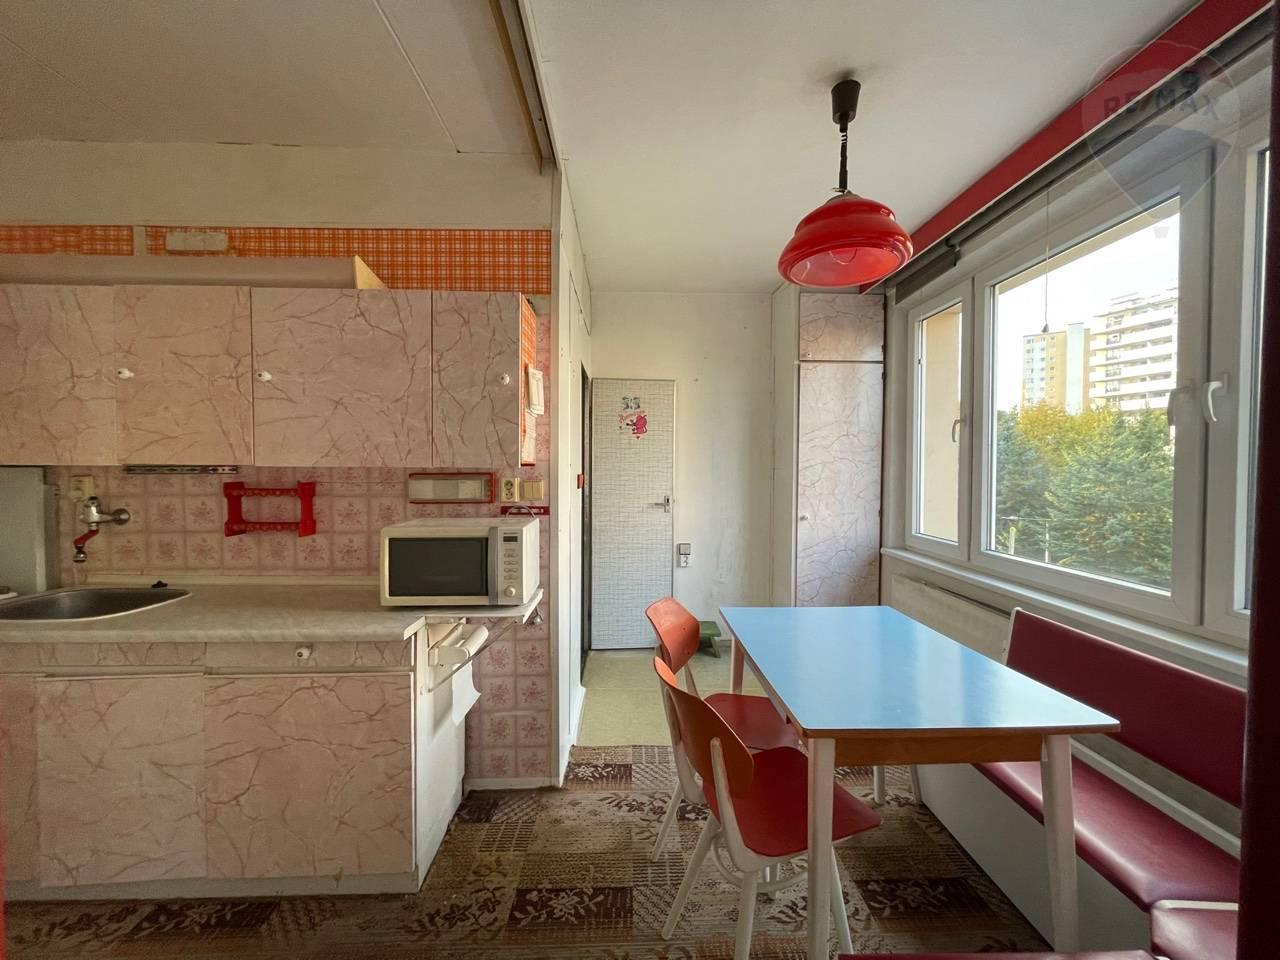 Predaj bytu (2 izbový) 64 m2, Banská Bystrica - Predaj: 2 izbový byt 64 m2 banska Bystrica- Radvaň